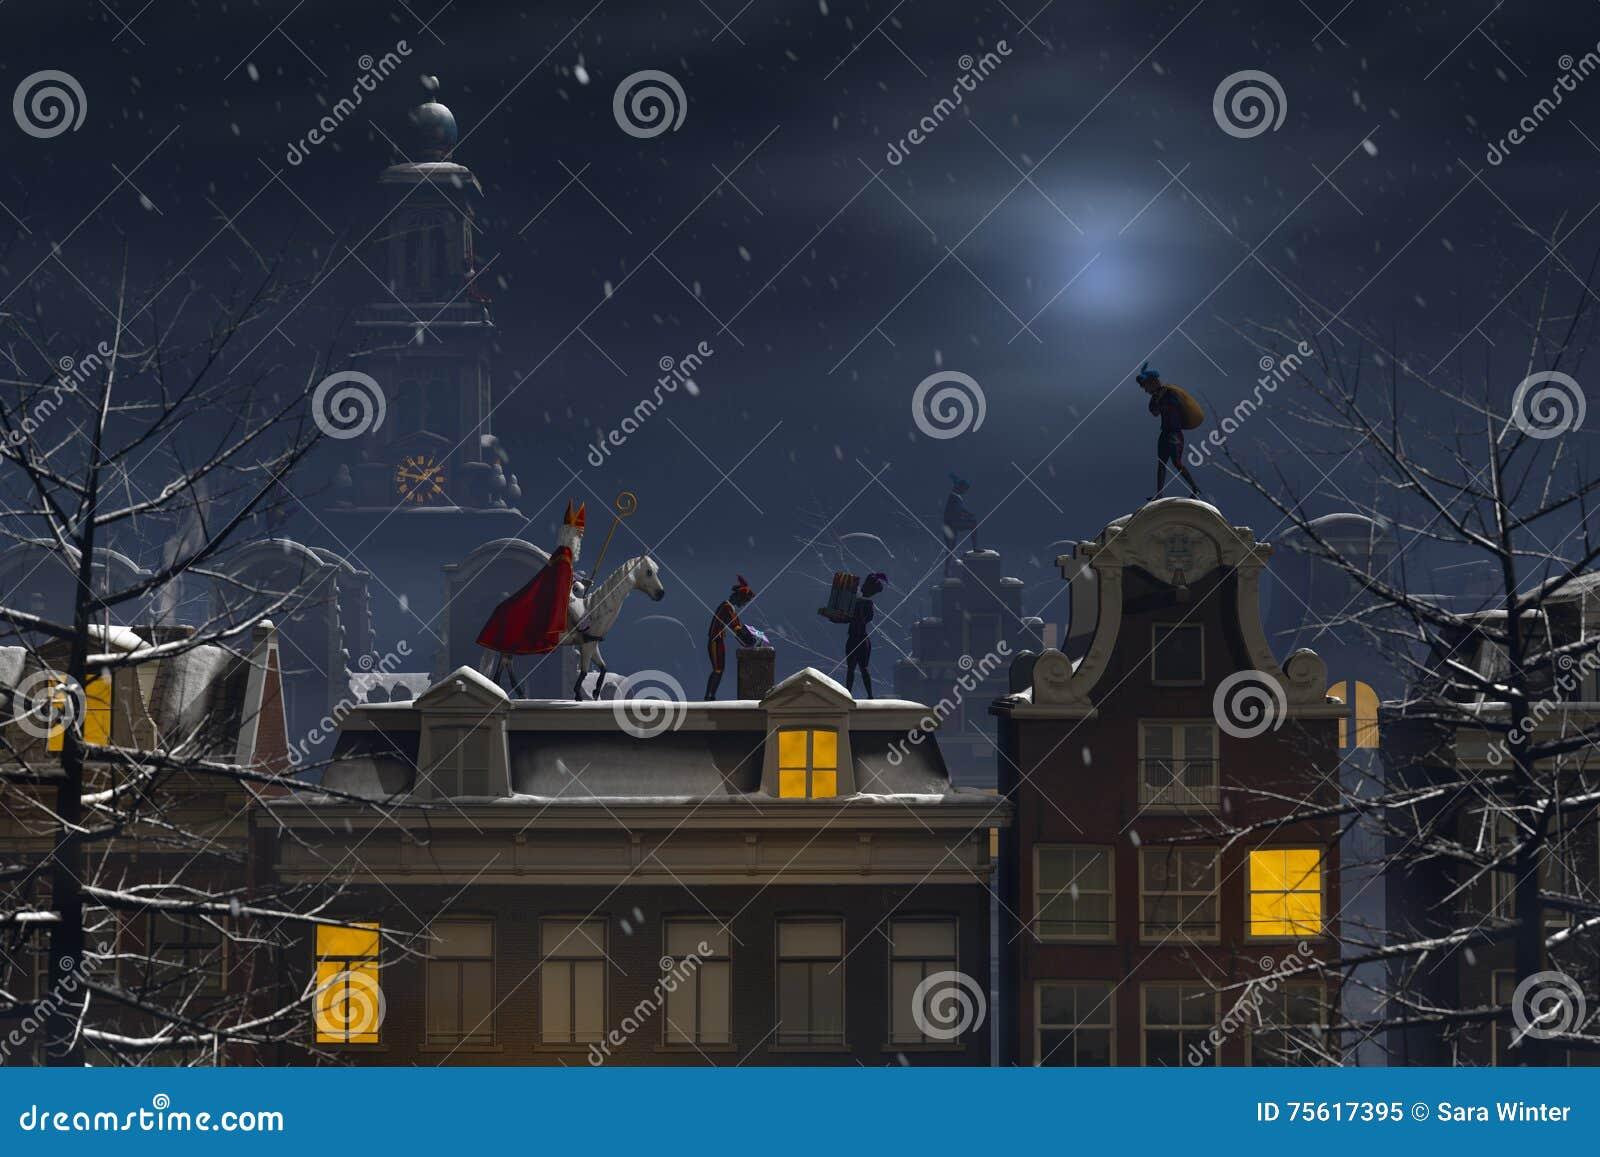 Sinterklaas en pieten op de daken bij nacht stock illustratie afbeelding 75617395 - Daken en volumes ...